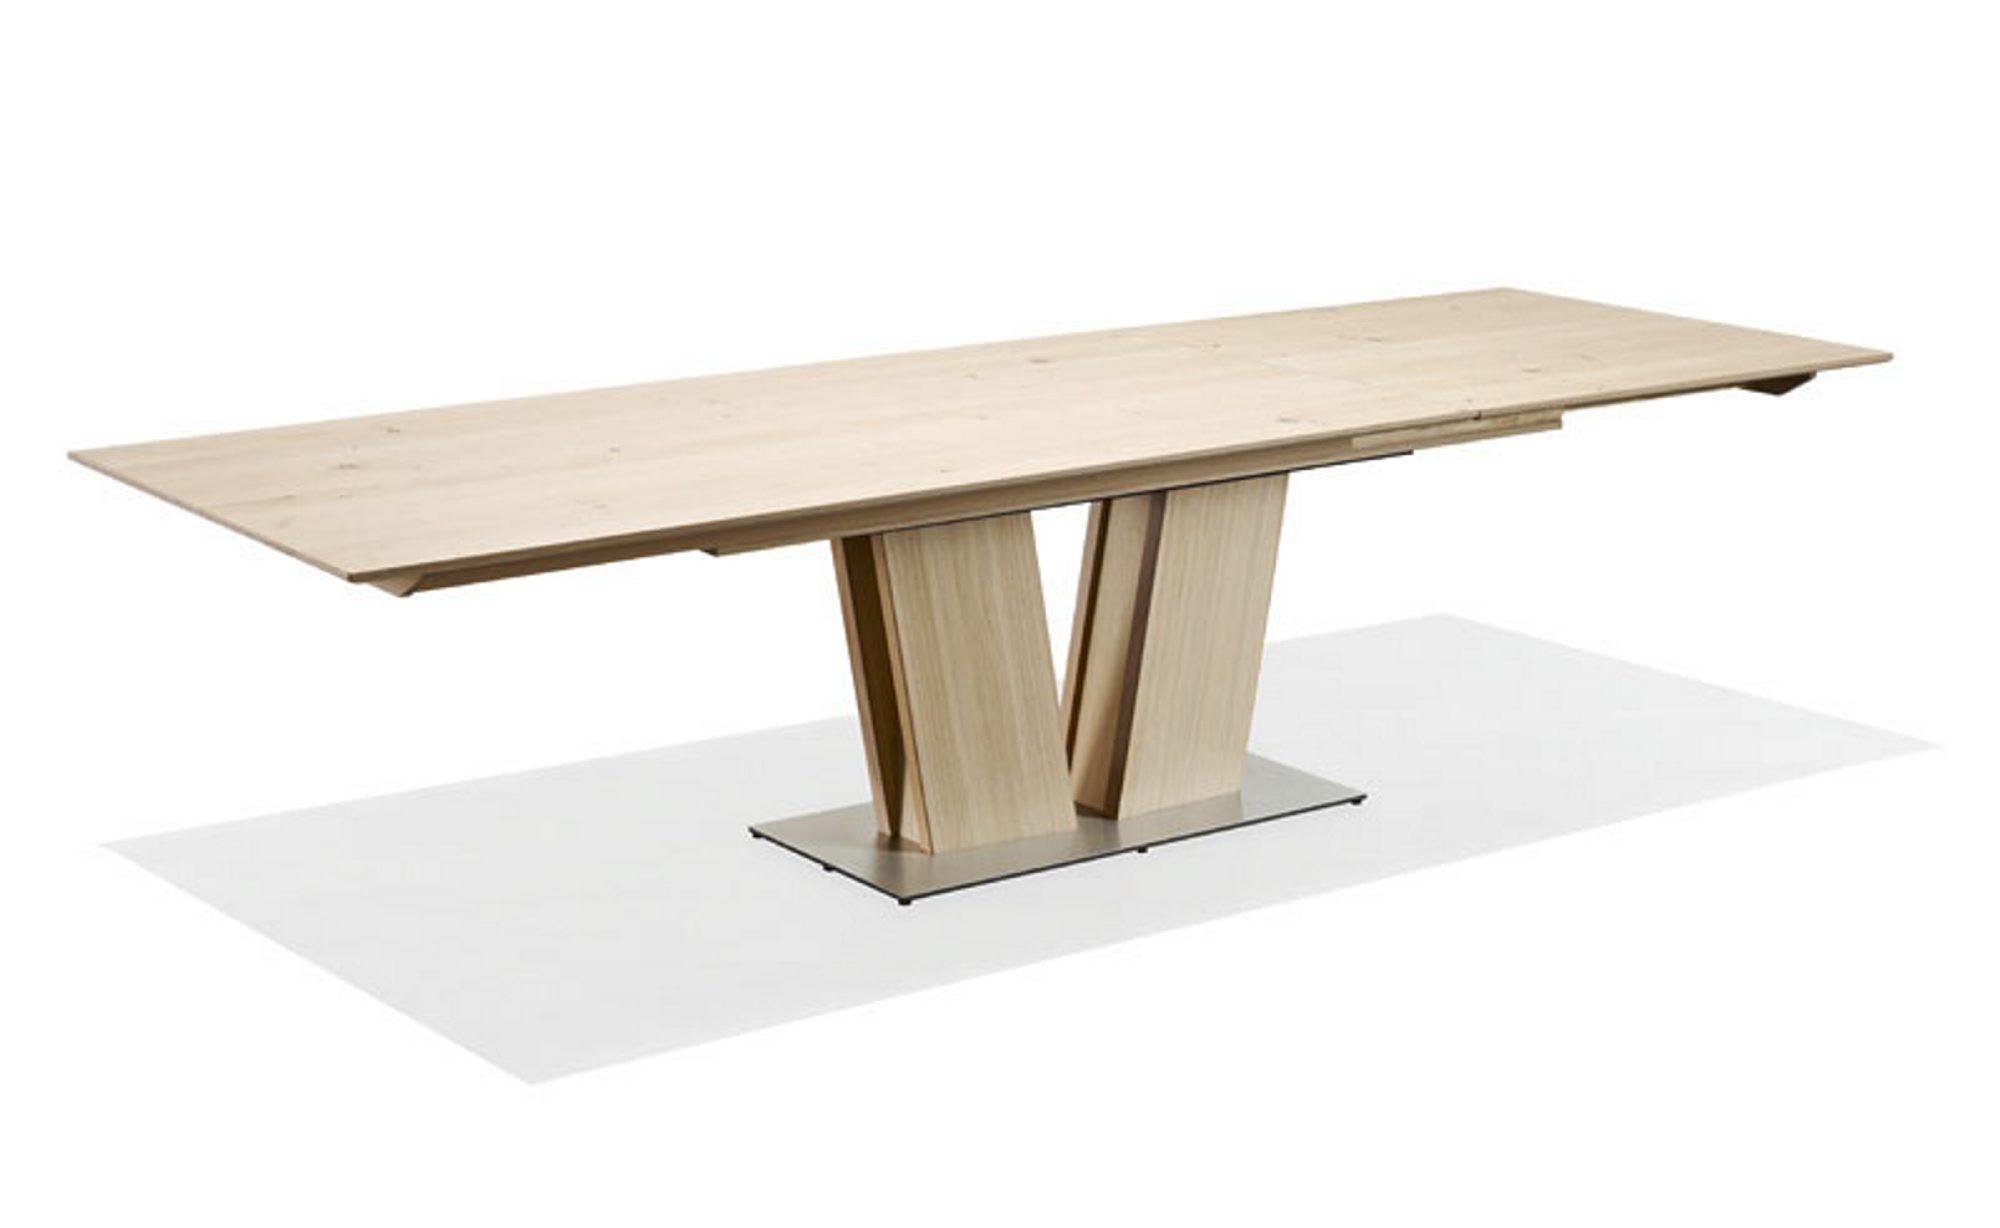 Manger 18 A Pied De Inspirational Table c5q3ASRL4j